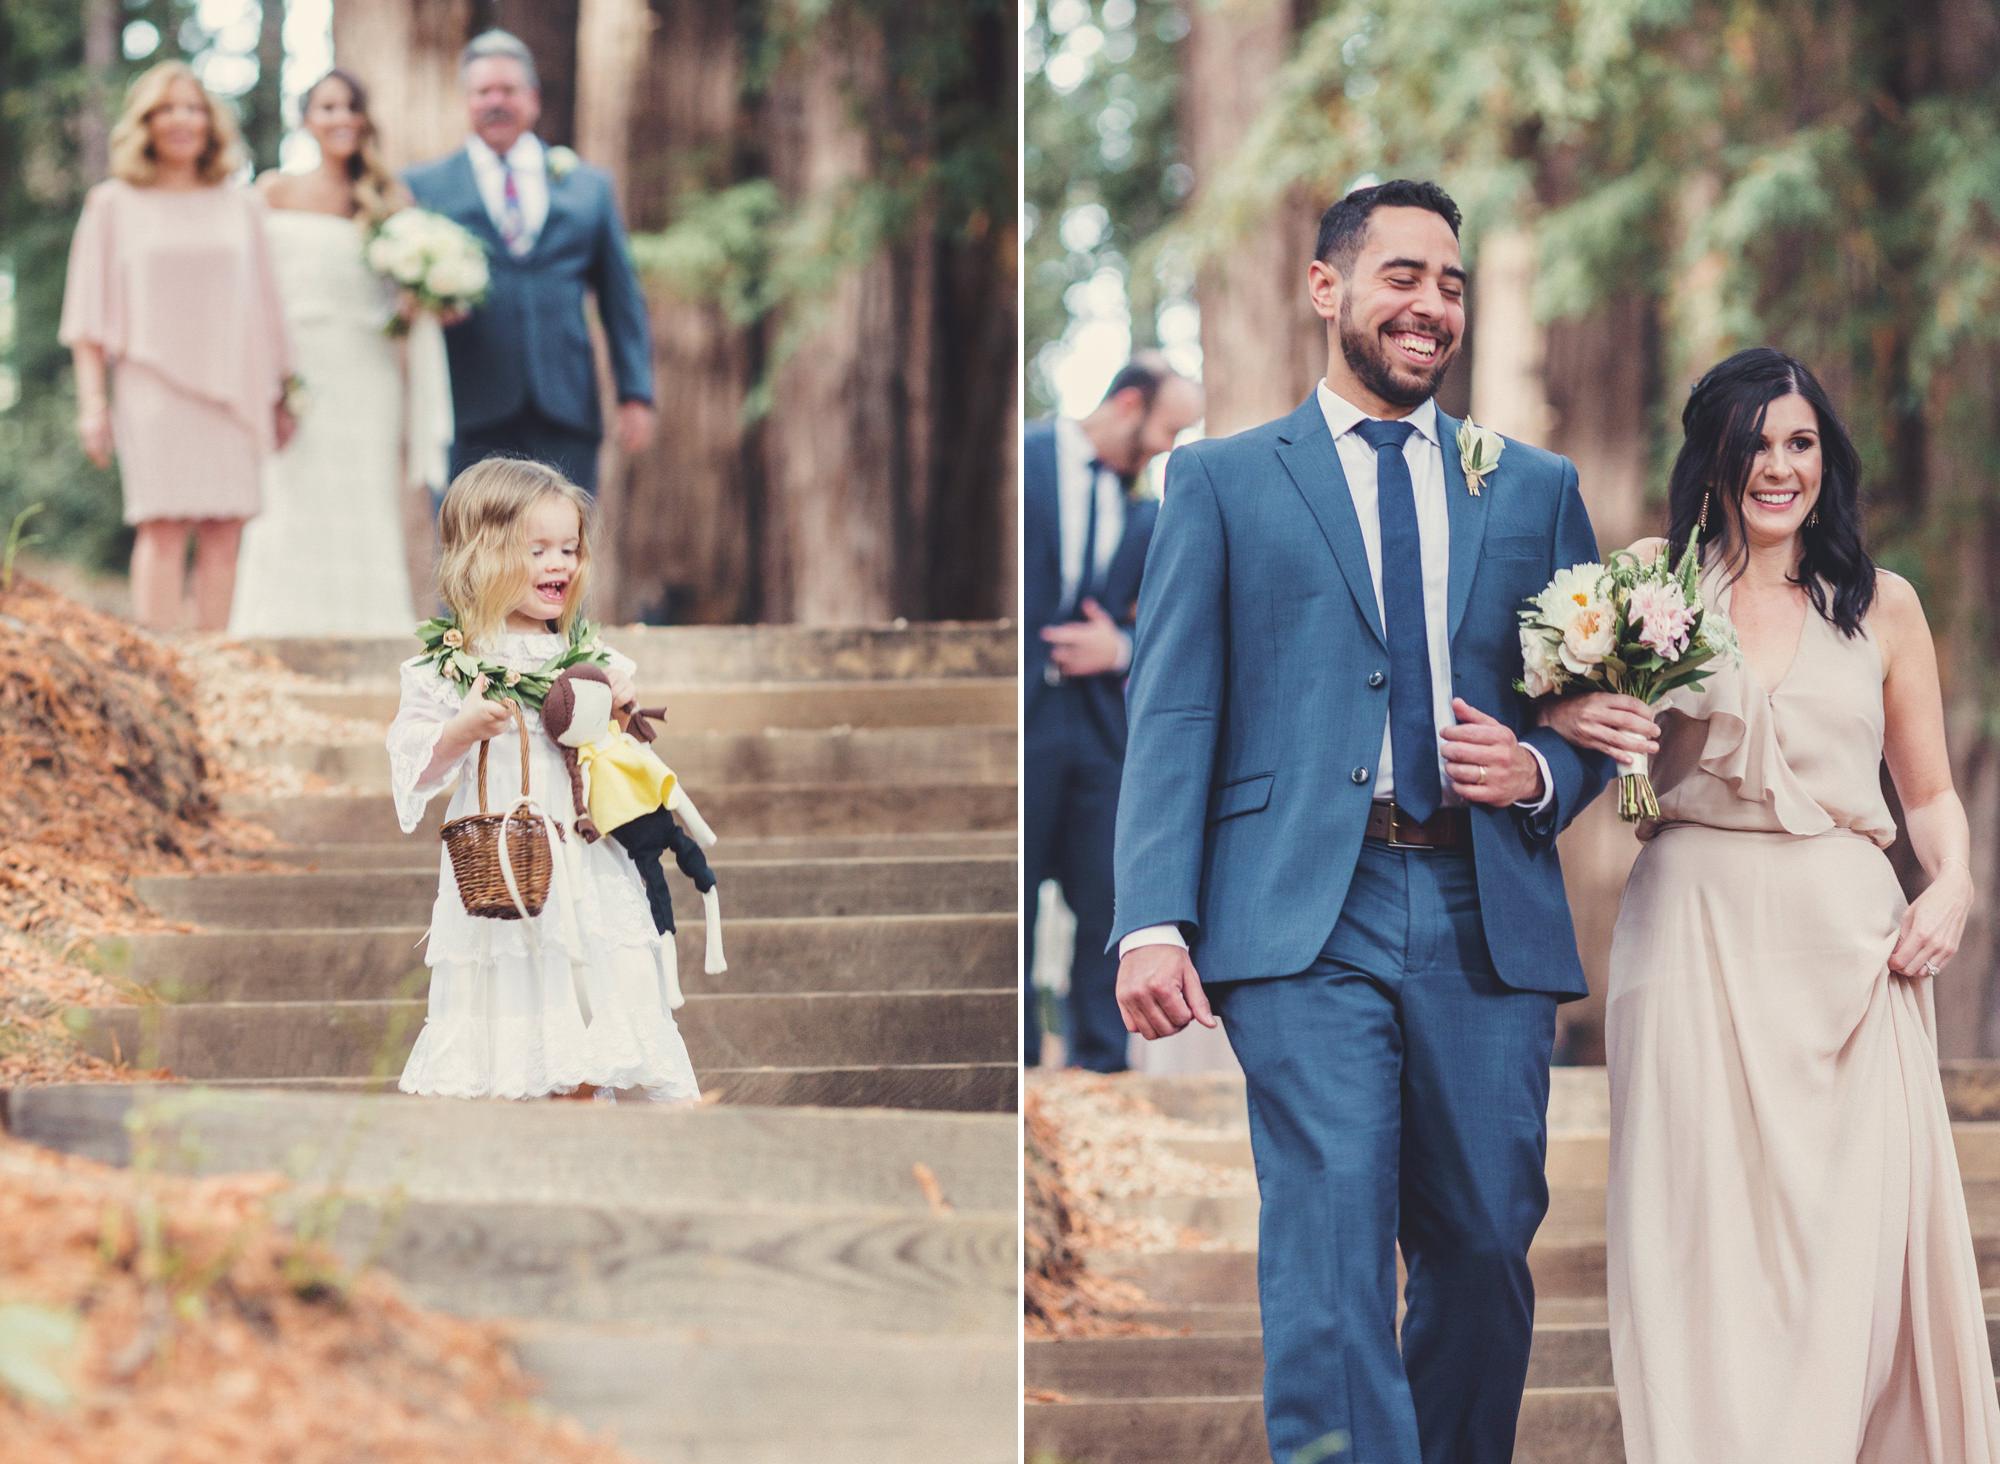 Sequoia Retreat Center Wedding@Anne-Claire Brun 60